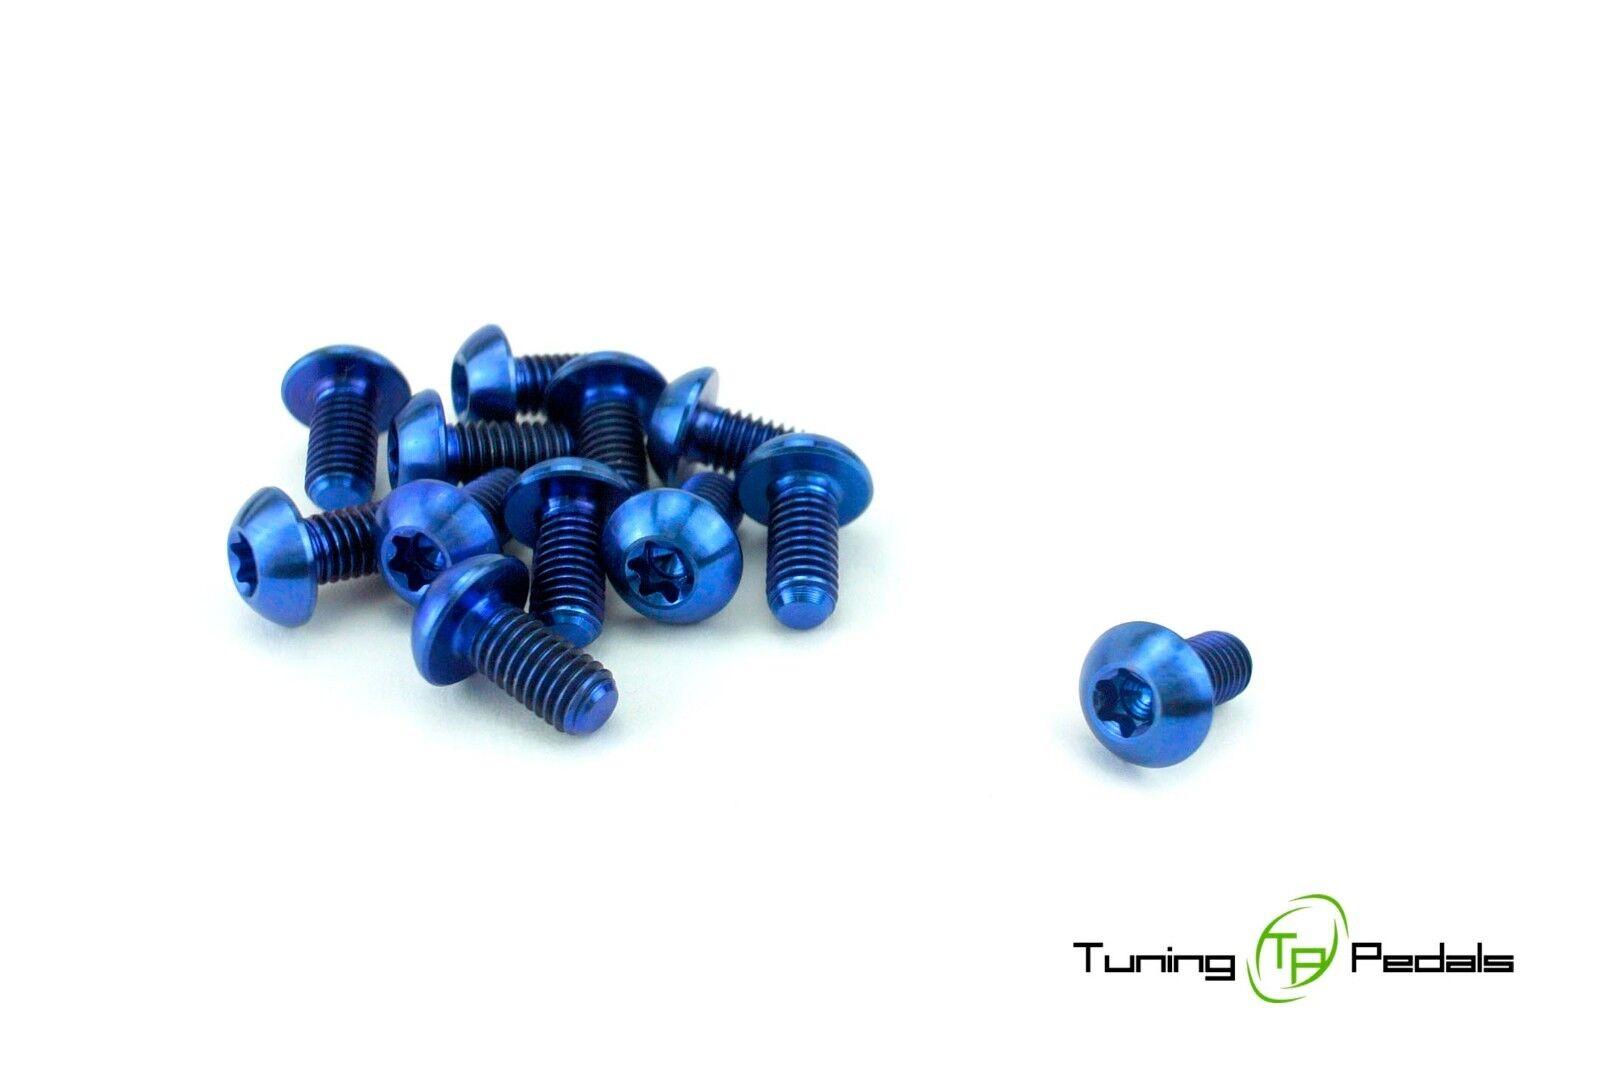 12er Bremsscheiben Set Titanschrauben M5 x 8 mm, blueeeeeeee